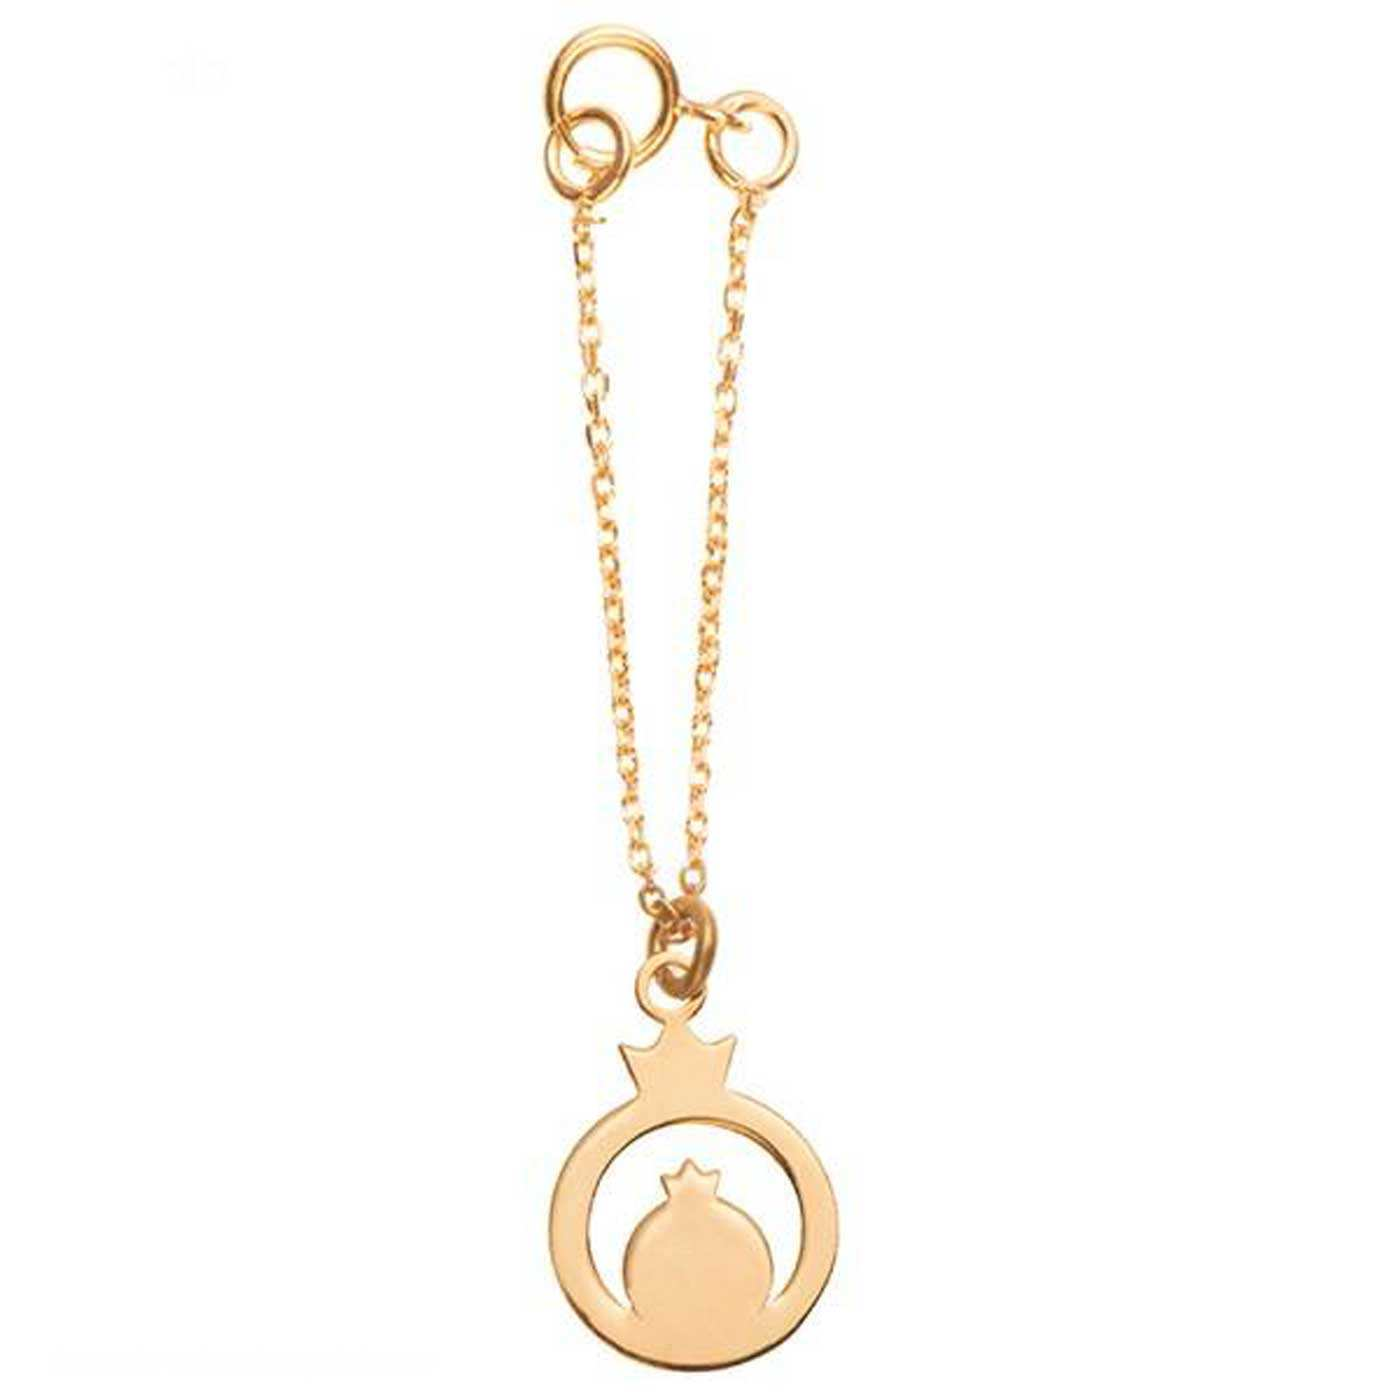 آویز ساعت طلا 18 عیار زنانه کانیار گالری کد AS152 -  - 1